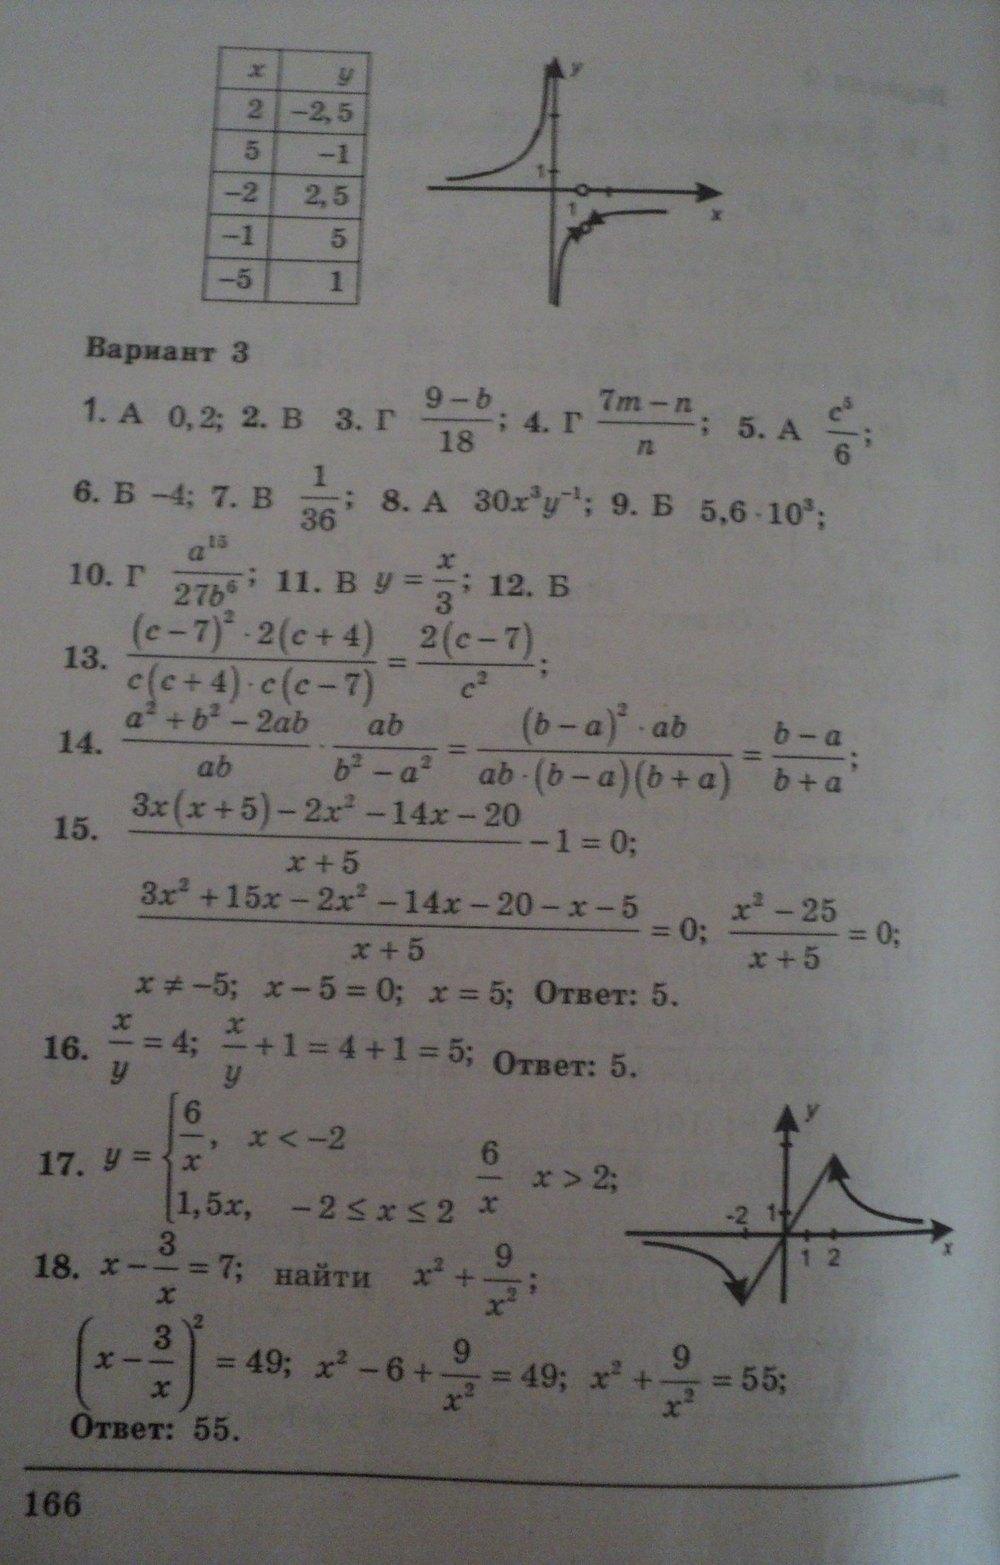 ГДЗ по алгебре 8 класс Щербань П.. Задание: стр. 166